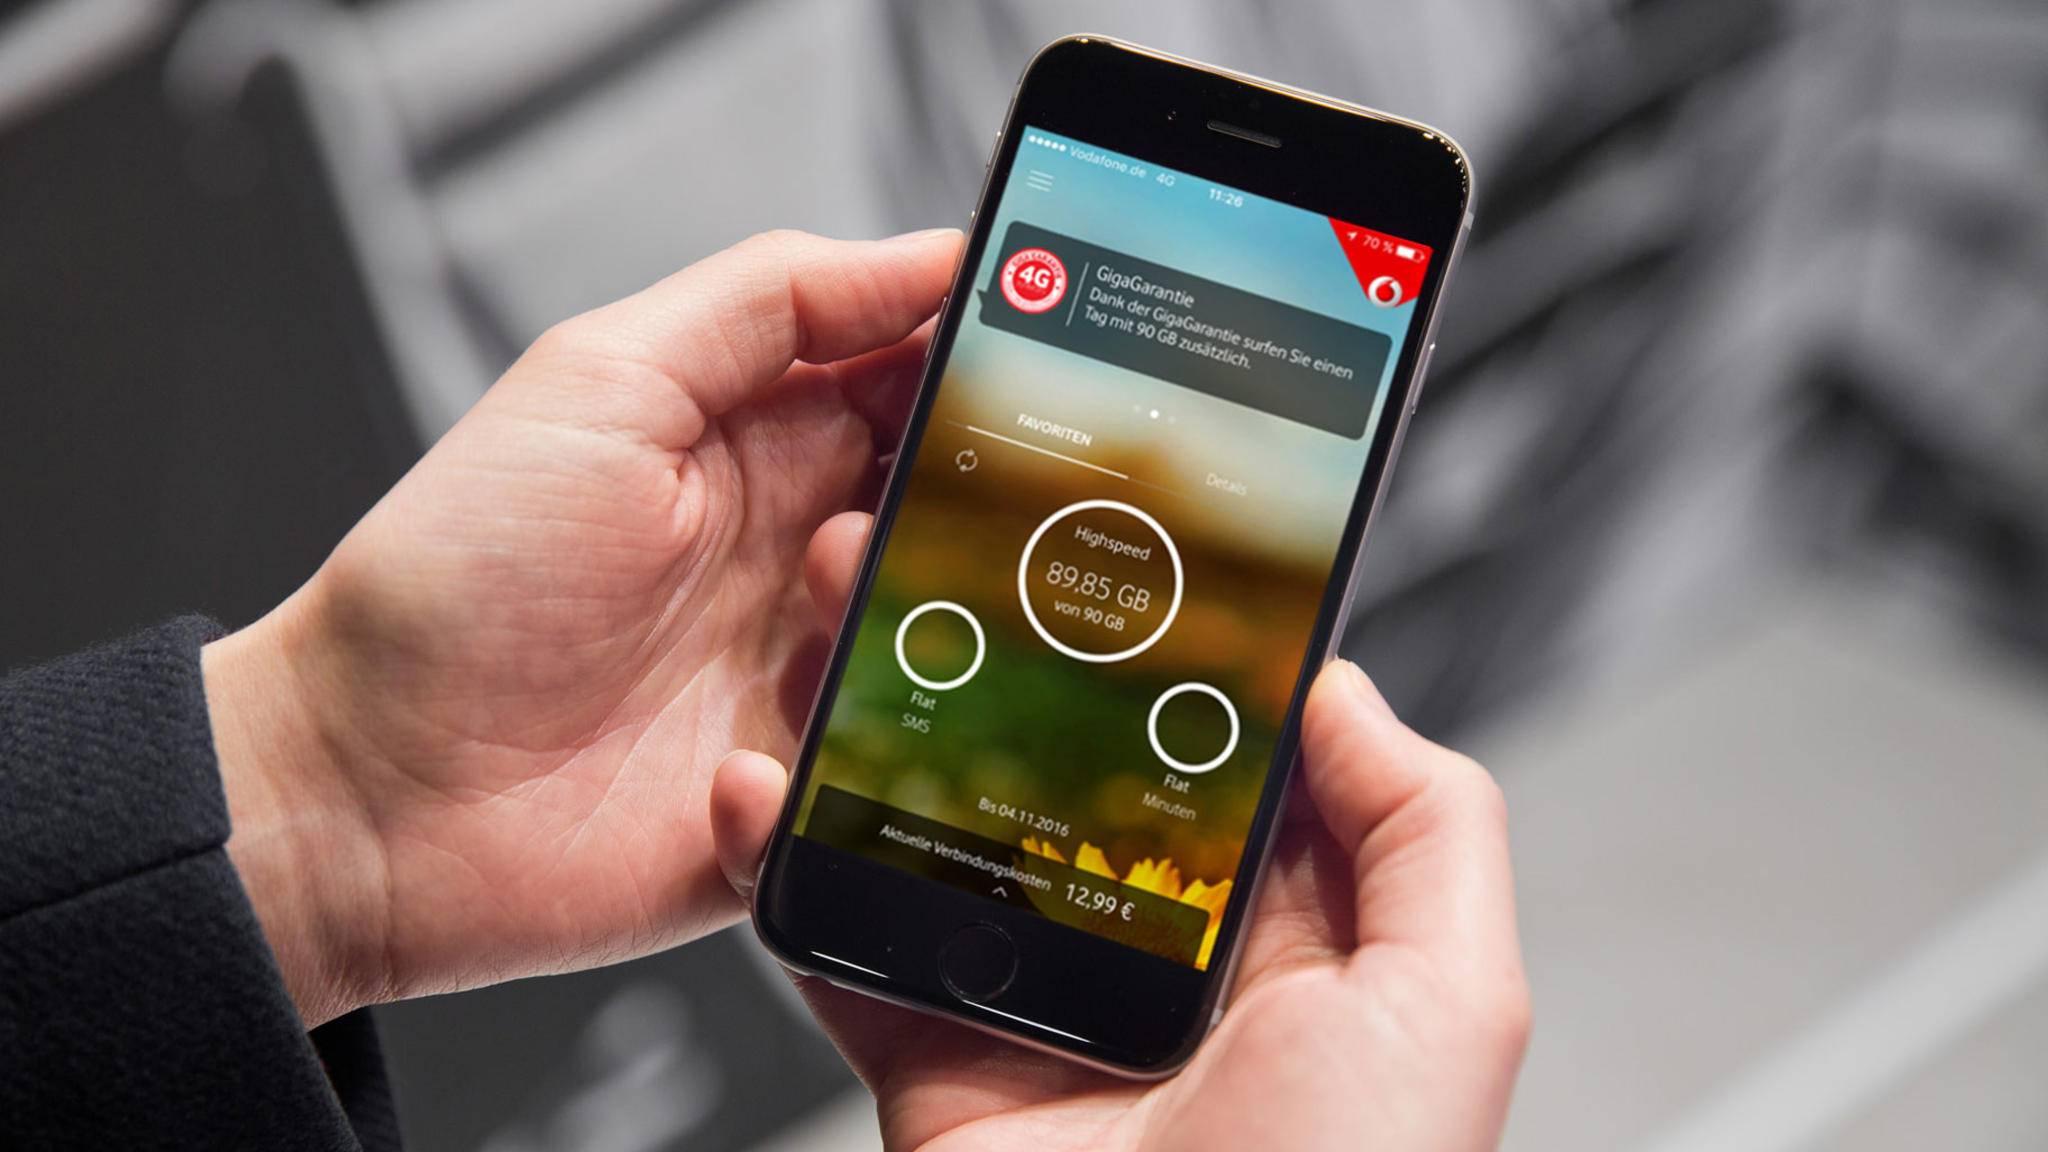 Die großen Mobilfunkprovider bieten eigene Apps, mit denen Du verbrauchtes Datenvolumen abfragen kannst.